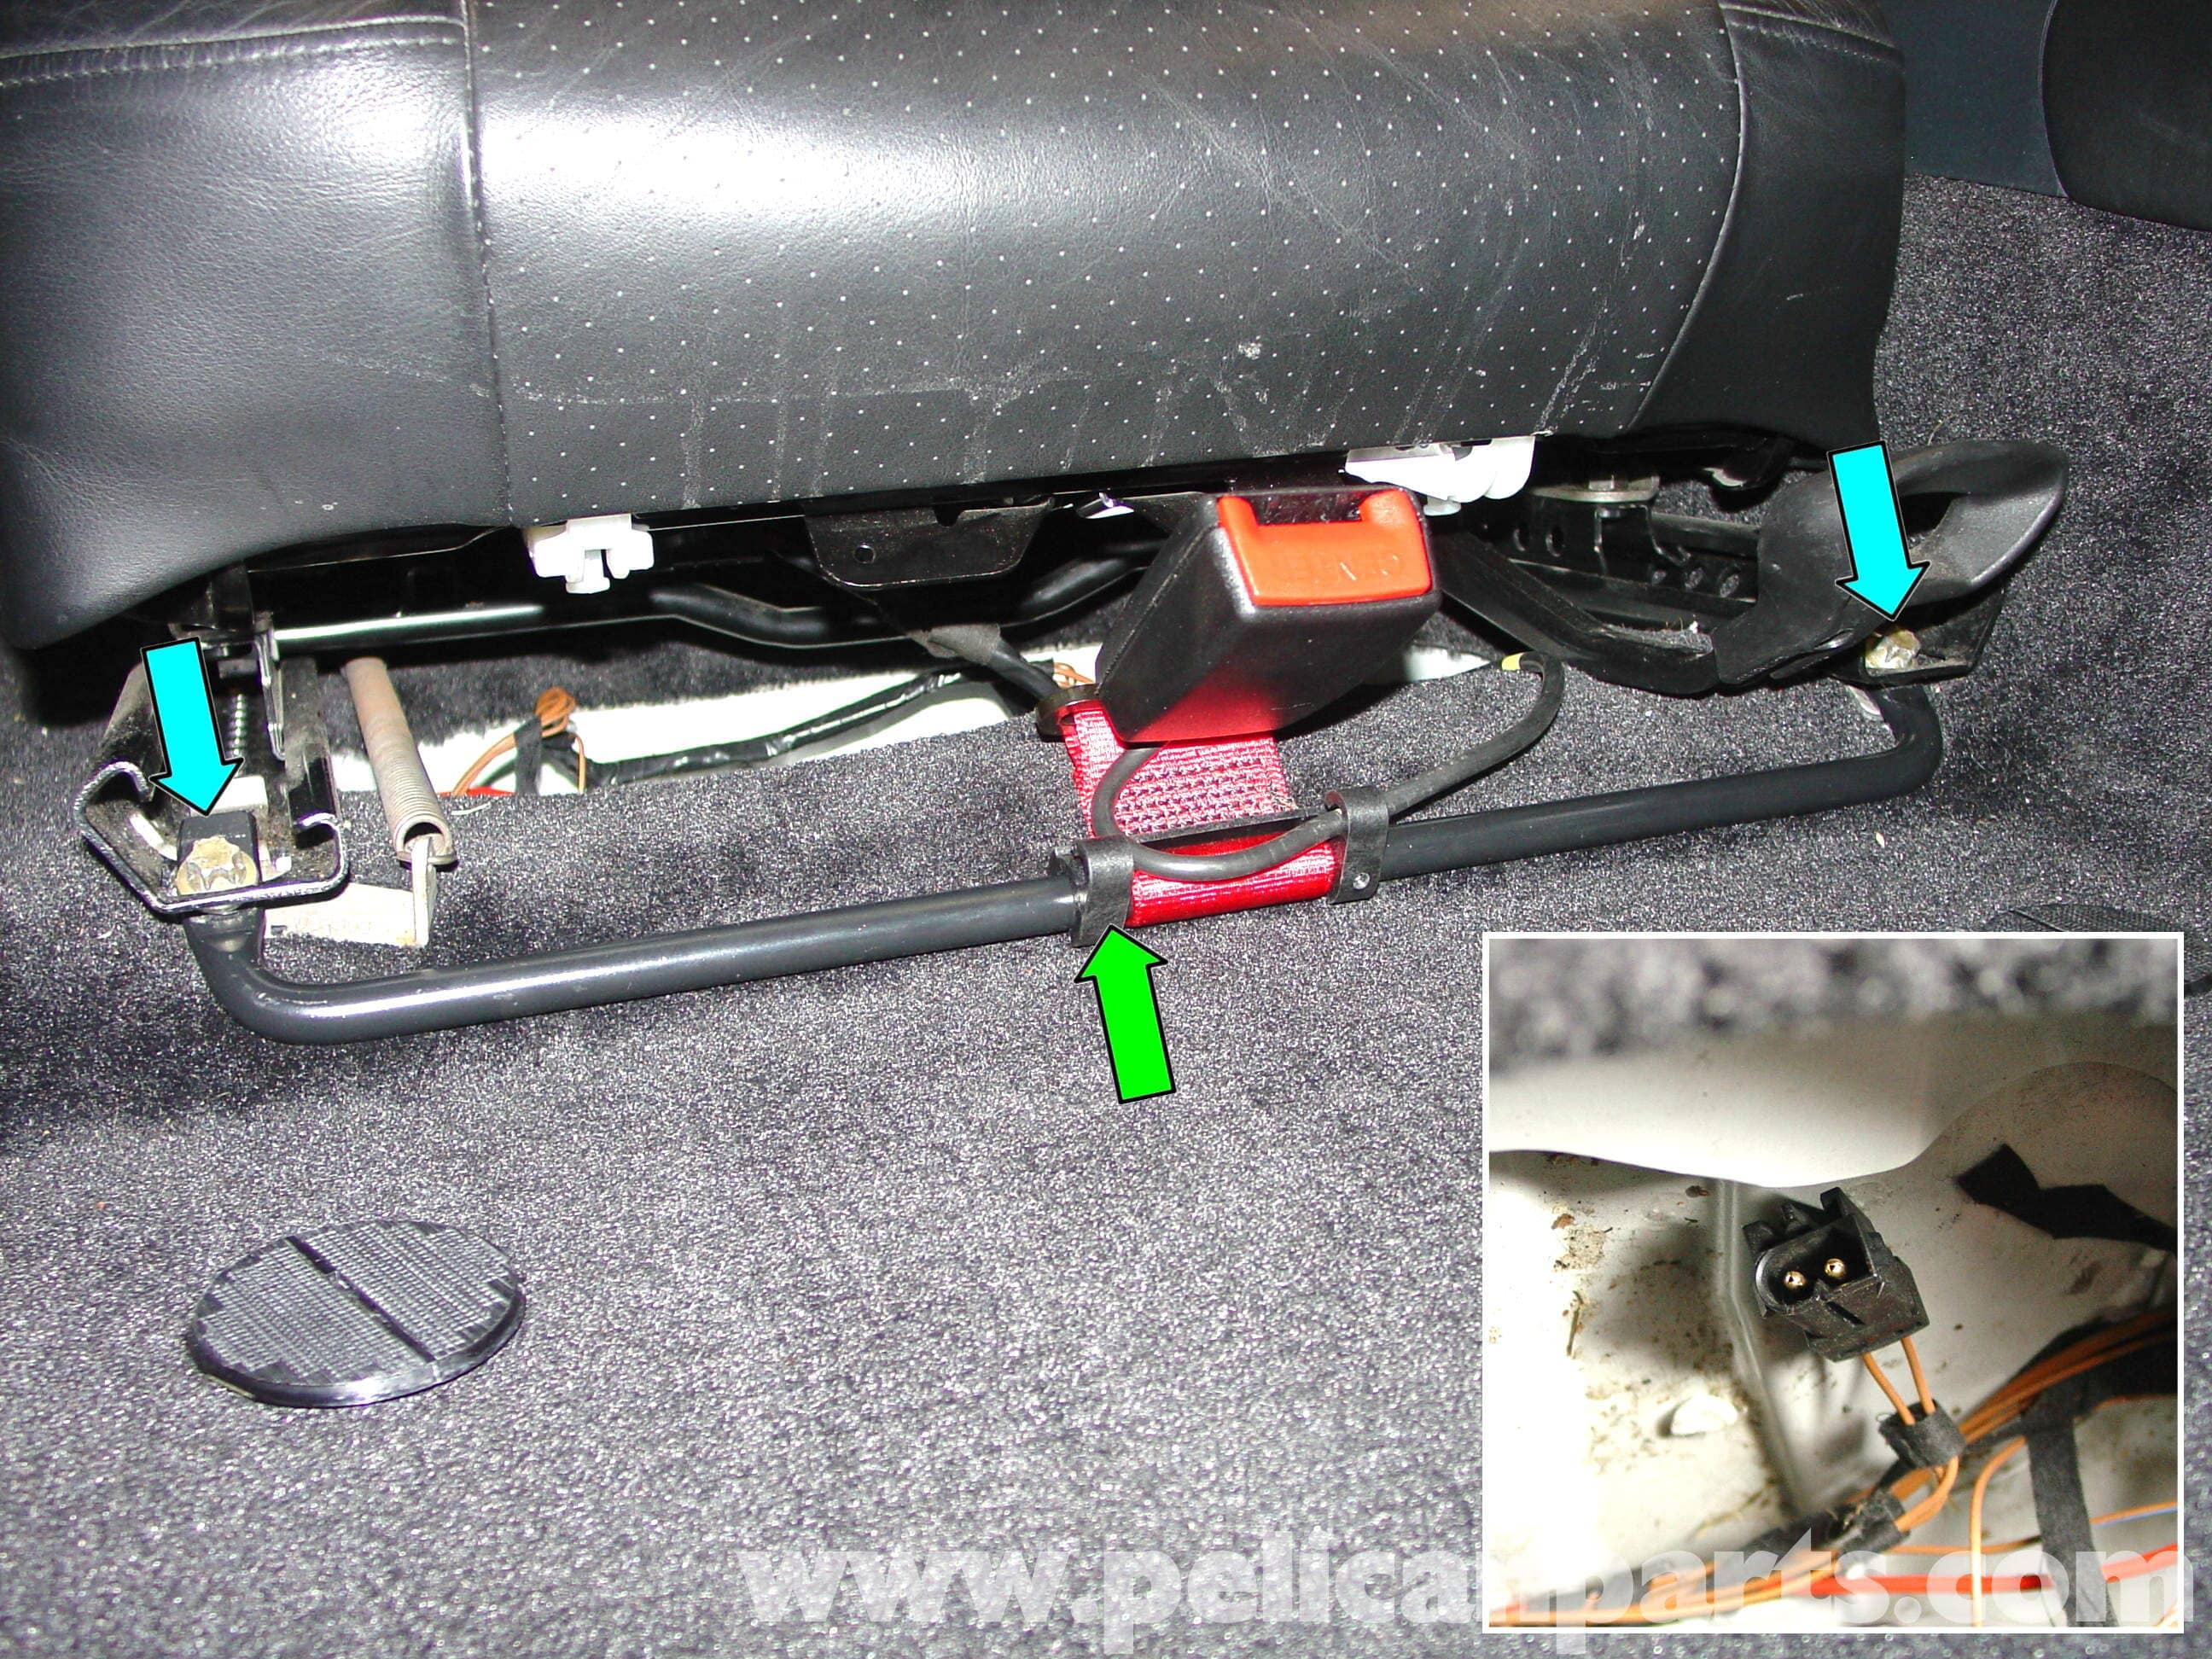 996 seat wiring diagram wiring diagram aston martin vantage wiring diagram 996 wiring diagram wiring diagramsporsche seat wiring wiring diagrams 996